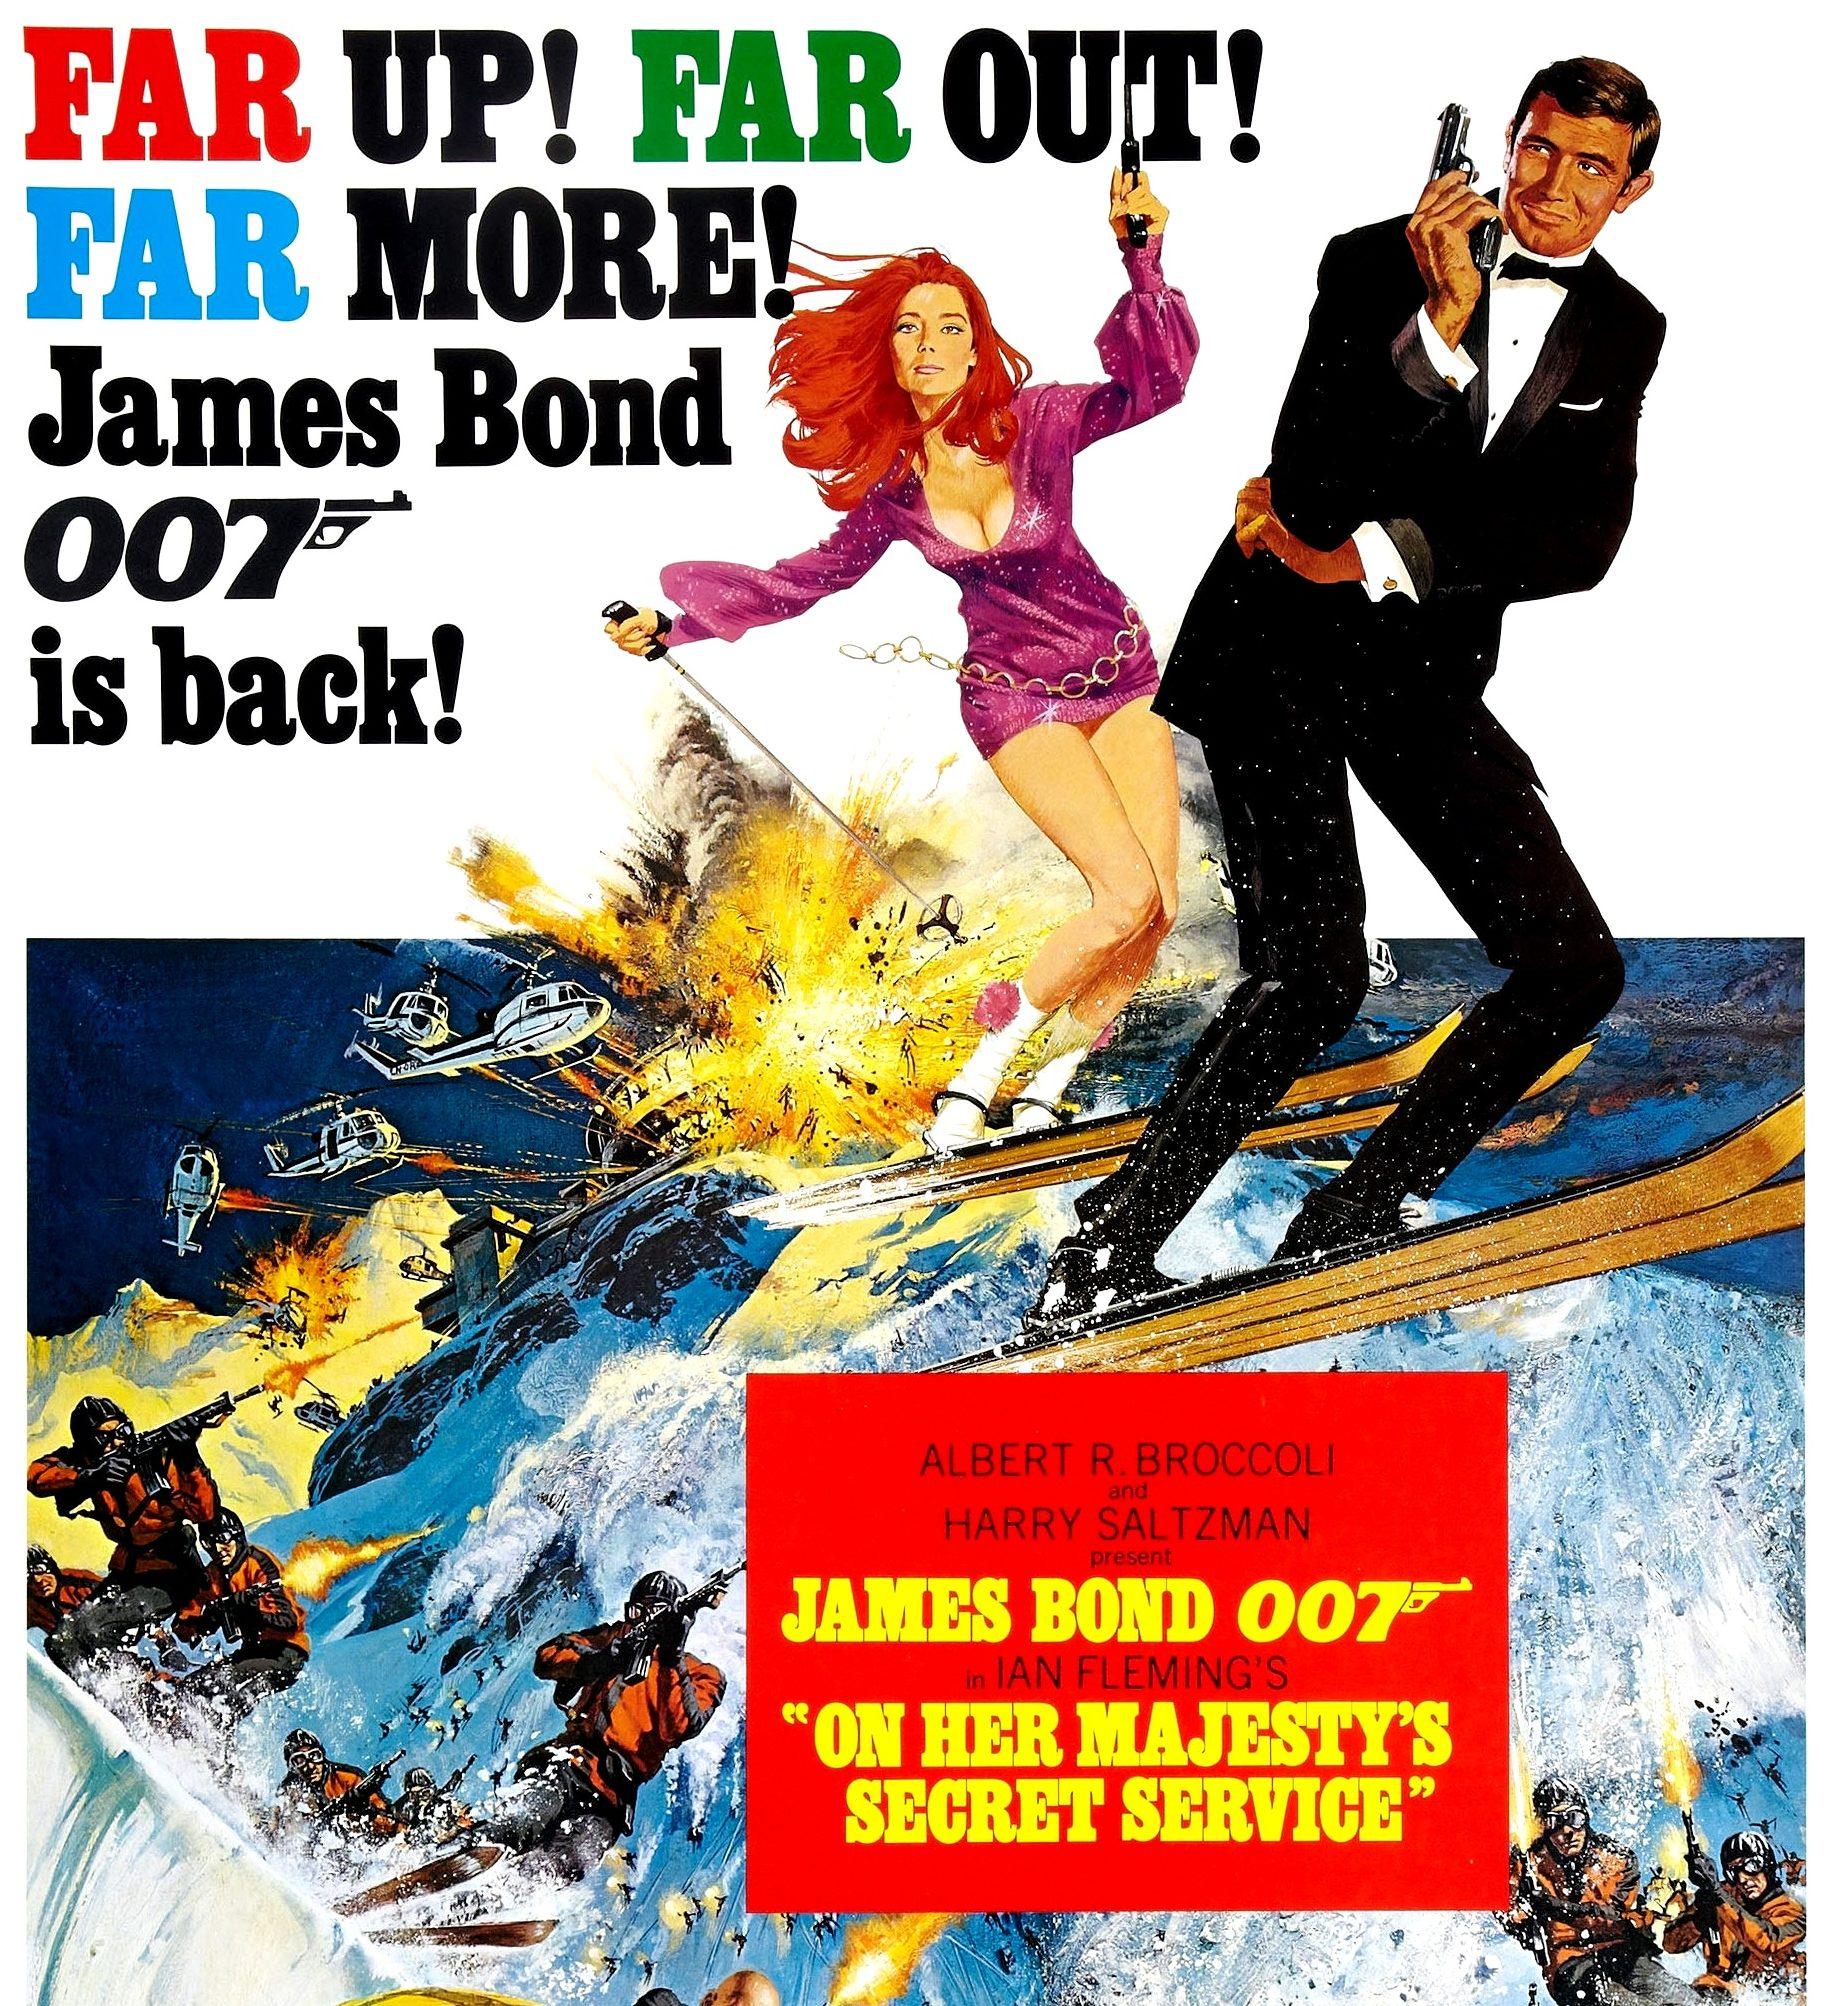 MV5BZGFlNGNiMmQtMThhZS00MWMxLWFiNGItZTM4ZmJlODM3ZmU2XkEyXkFqcGdeQXVyNDY2MTk1ODk@. V1 e1582713637330 11 Of The Best James Bond Movies (And 10 Of The Worst)